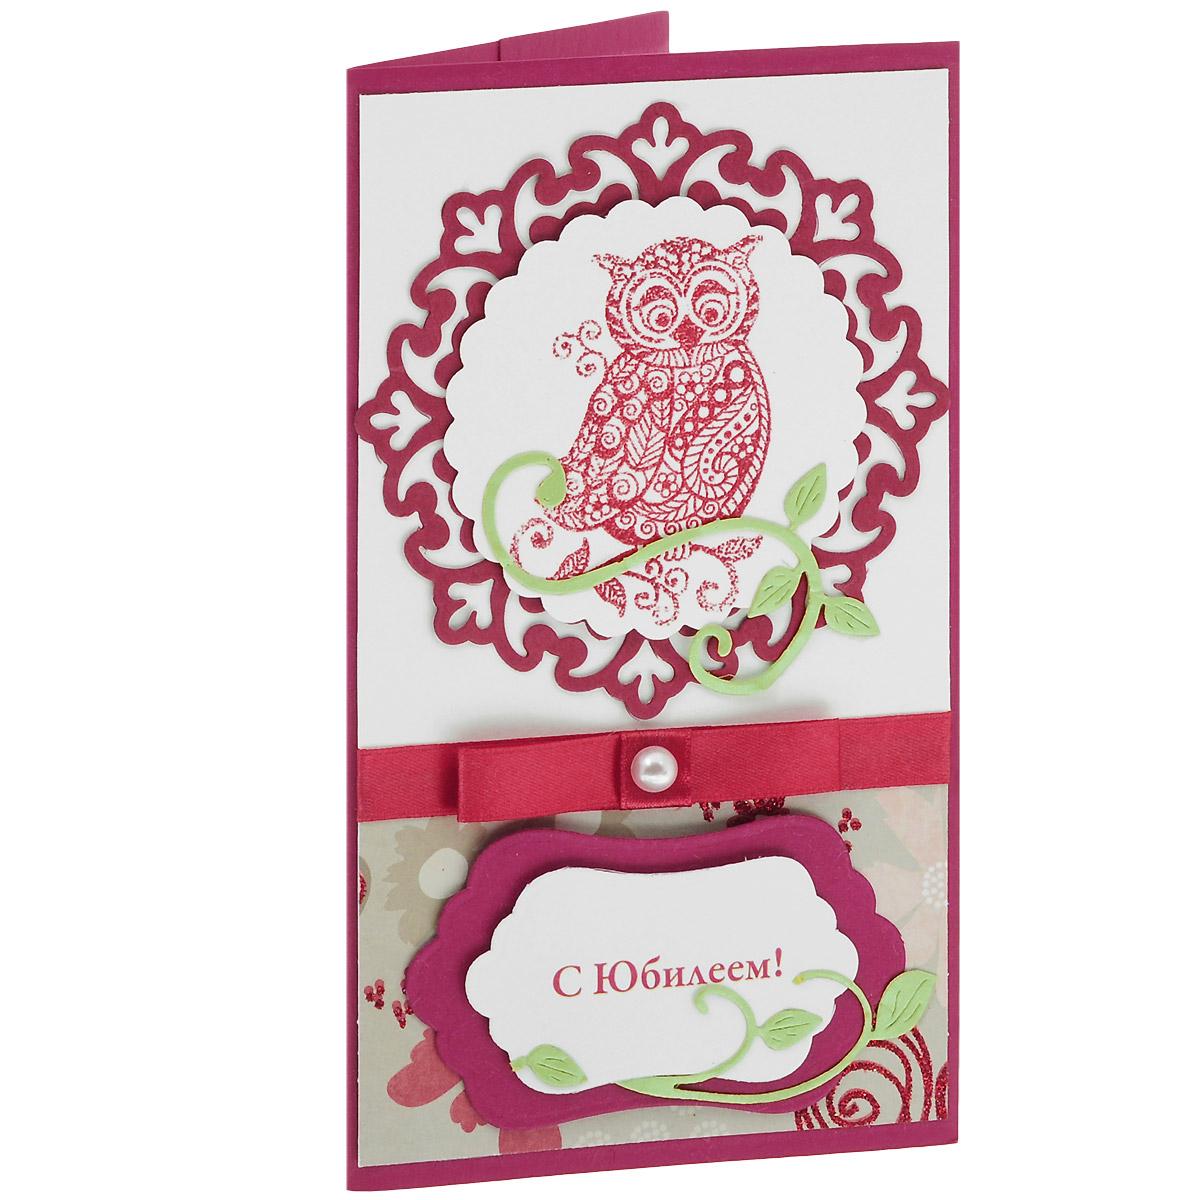 ОЮ-0001 Открытка-конверт «С Юбилеем!» (Сова). Студия «Тётя Роза»U0402-161-CBLAХарактеристики: Размер 19 см x 11 см.Материал: Высоко-художественный картон, бумага, декор. Данная открытка может стать как прекрасным дополнением к вашему подарку, так и самостоятельным подарком. Так как открытка является и конвертом, в который вы можете вложить ваш денежный подарок или просто написать ваши пожелания на вкладыше. Сова – символ мудрости, в центре ажурного медальона выполнена в технике горячего термоподъема. Атласная бордовая лента и жемчуг на бантике эффектно подчеркивают нарядность этого торжественного поздравления. Также открытка упакована в пакетик для сохранности.Обращаем Ваше внимание на то, что открытка может незначительно отличаться от представленной на фото.Открытки ручной работы от студии Тётя Роза отличаются своим неповторимым и ярким стилем. Каждая уникальна и выполнена вручную мастерами студии. (Открытка для мужчин, открытка для женщины, открытка на день рождения, открытка с днем свадьбы, открытка винтаж, открытка с юбилеем, открытка на все случаи, скрапбукинг)